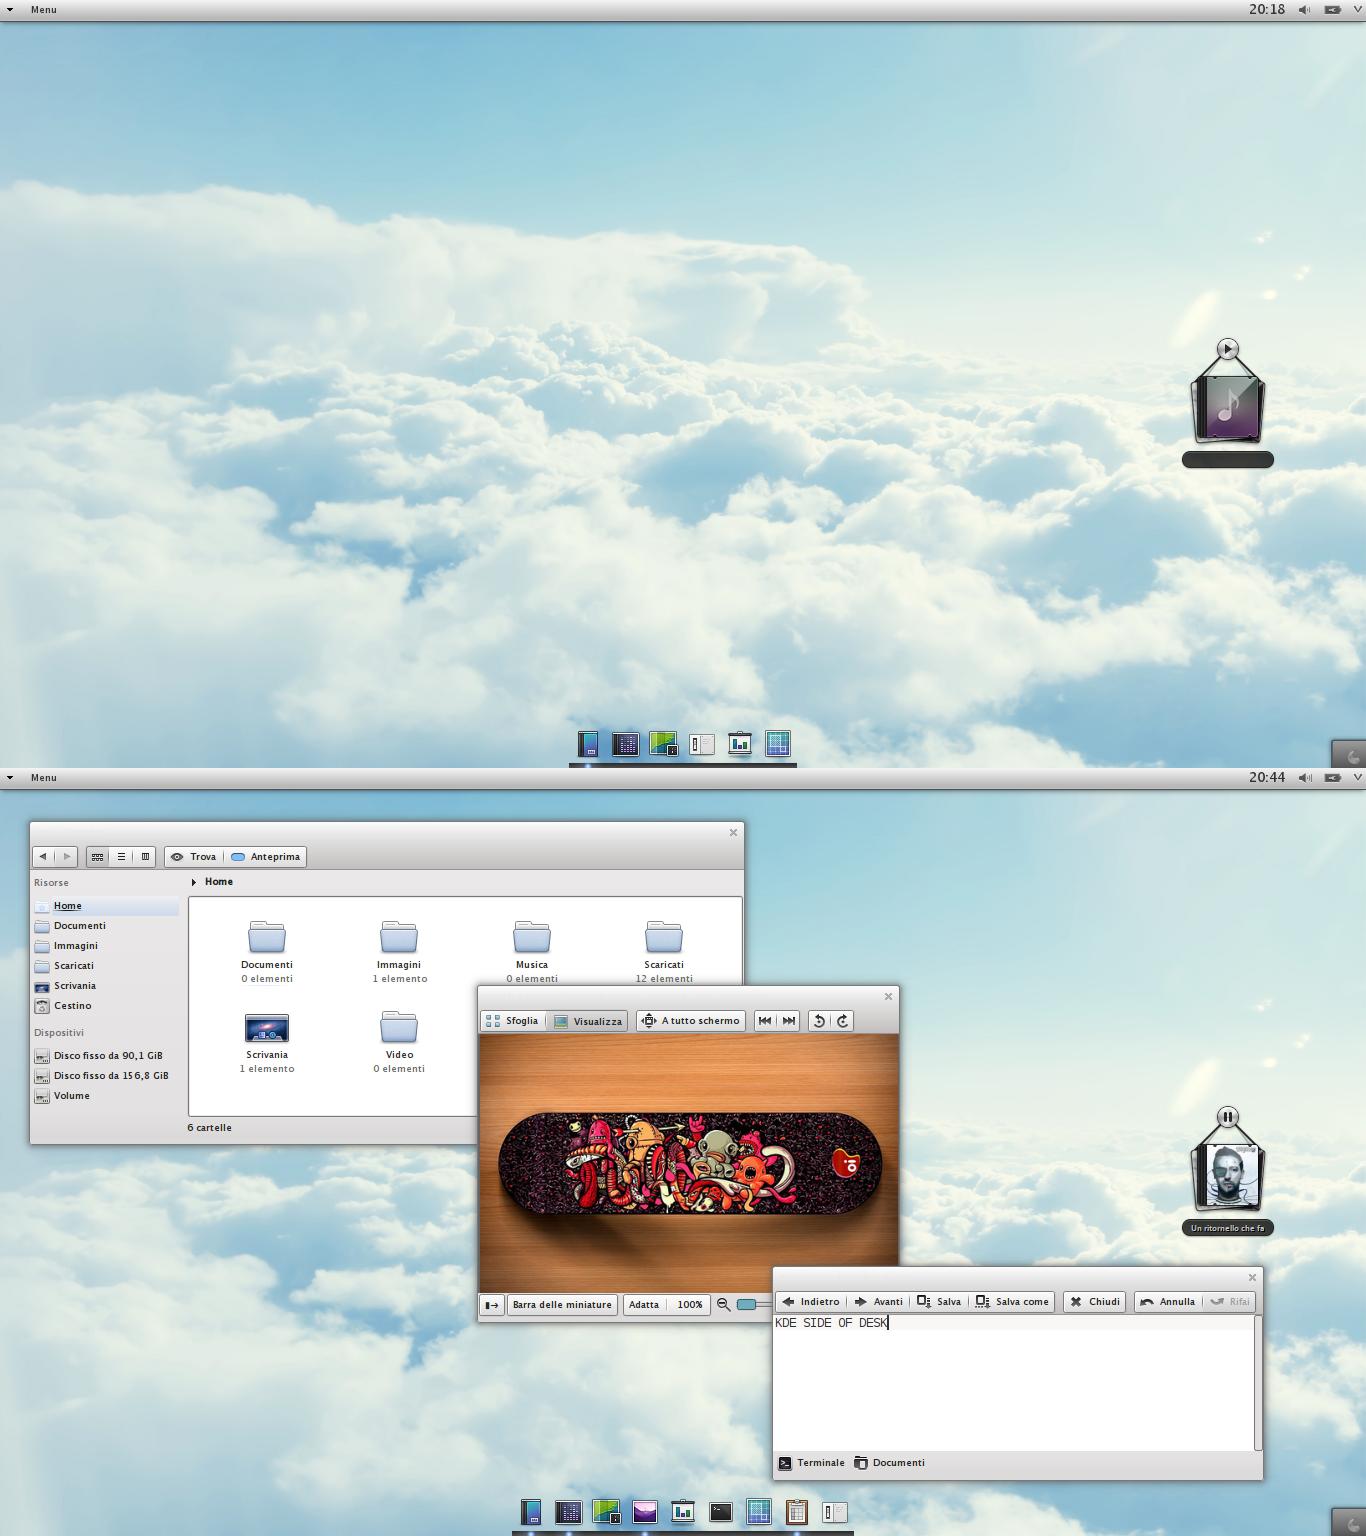 KDE side of desk by iacoporosso